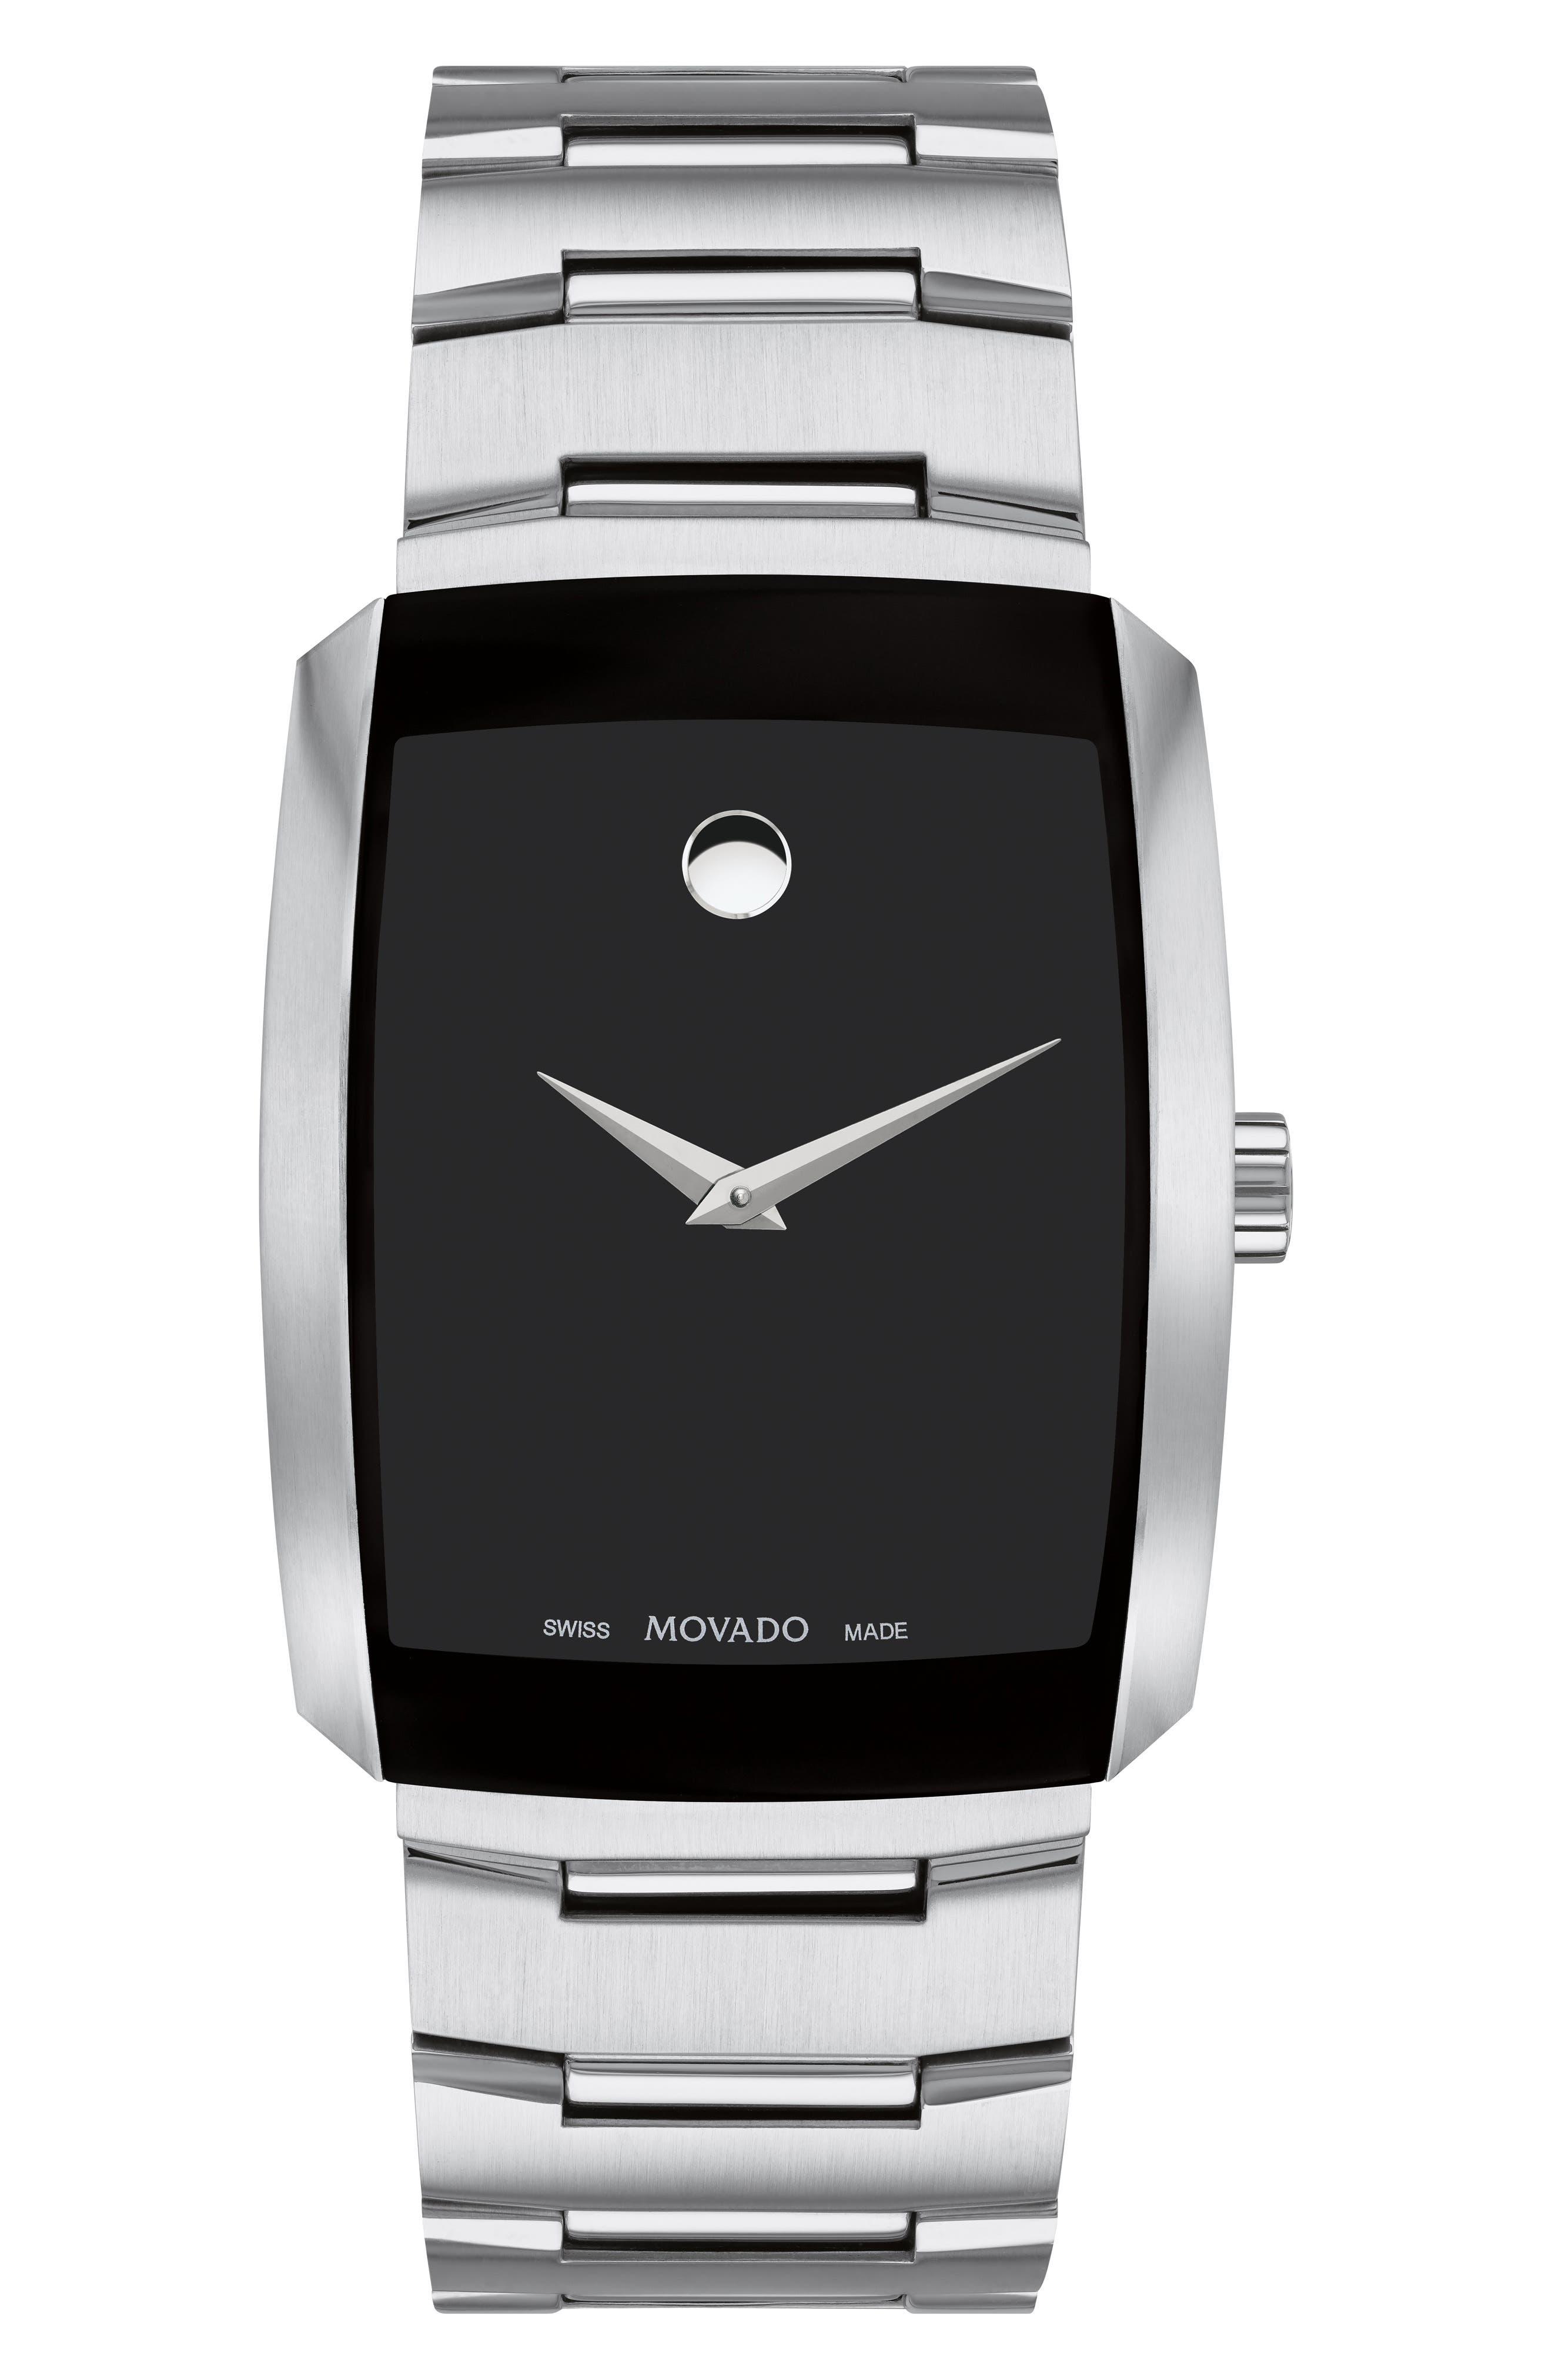 MOVADO Men'S Eliro Square Modern Watch, Silver in Silver/ Black/ Silver